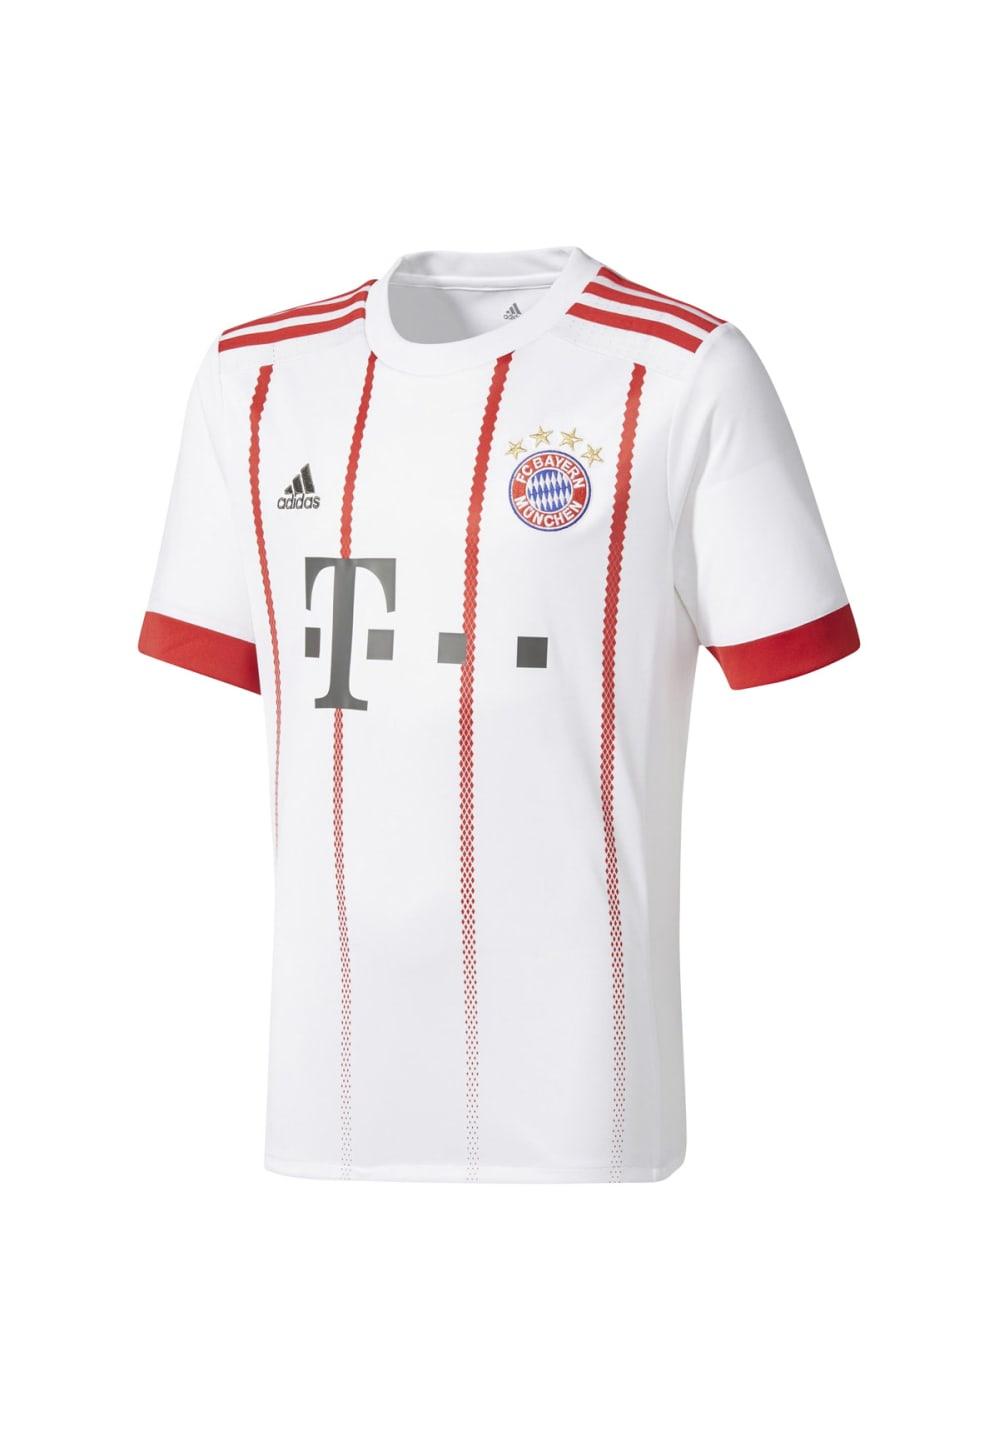 huge selection of cf844 c3db5 adidas FC Bayern Munich UCL Replica Jersey - T-Shirts - White